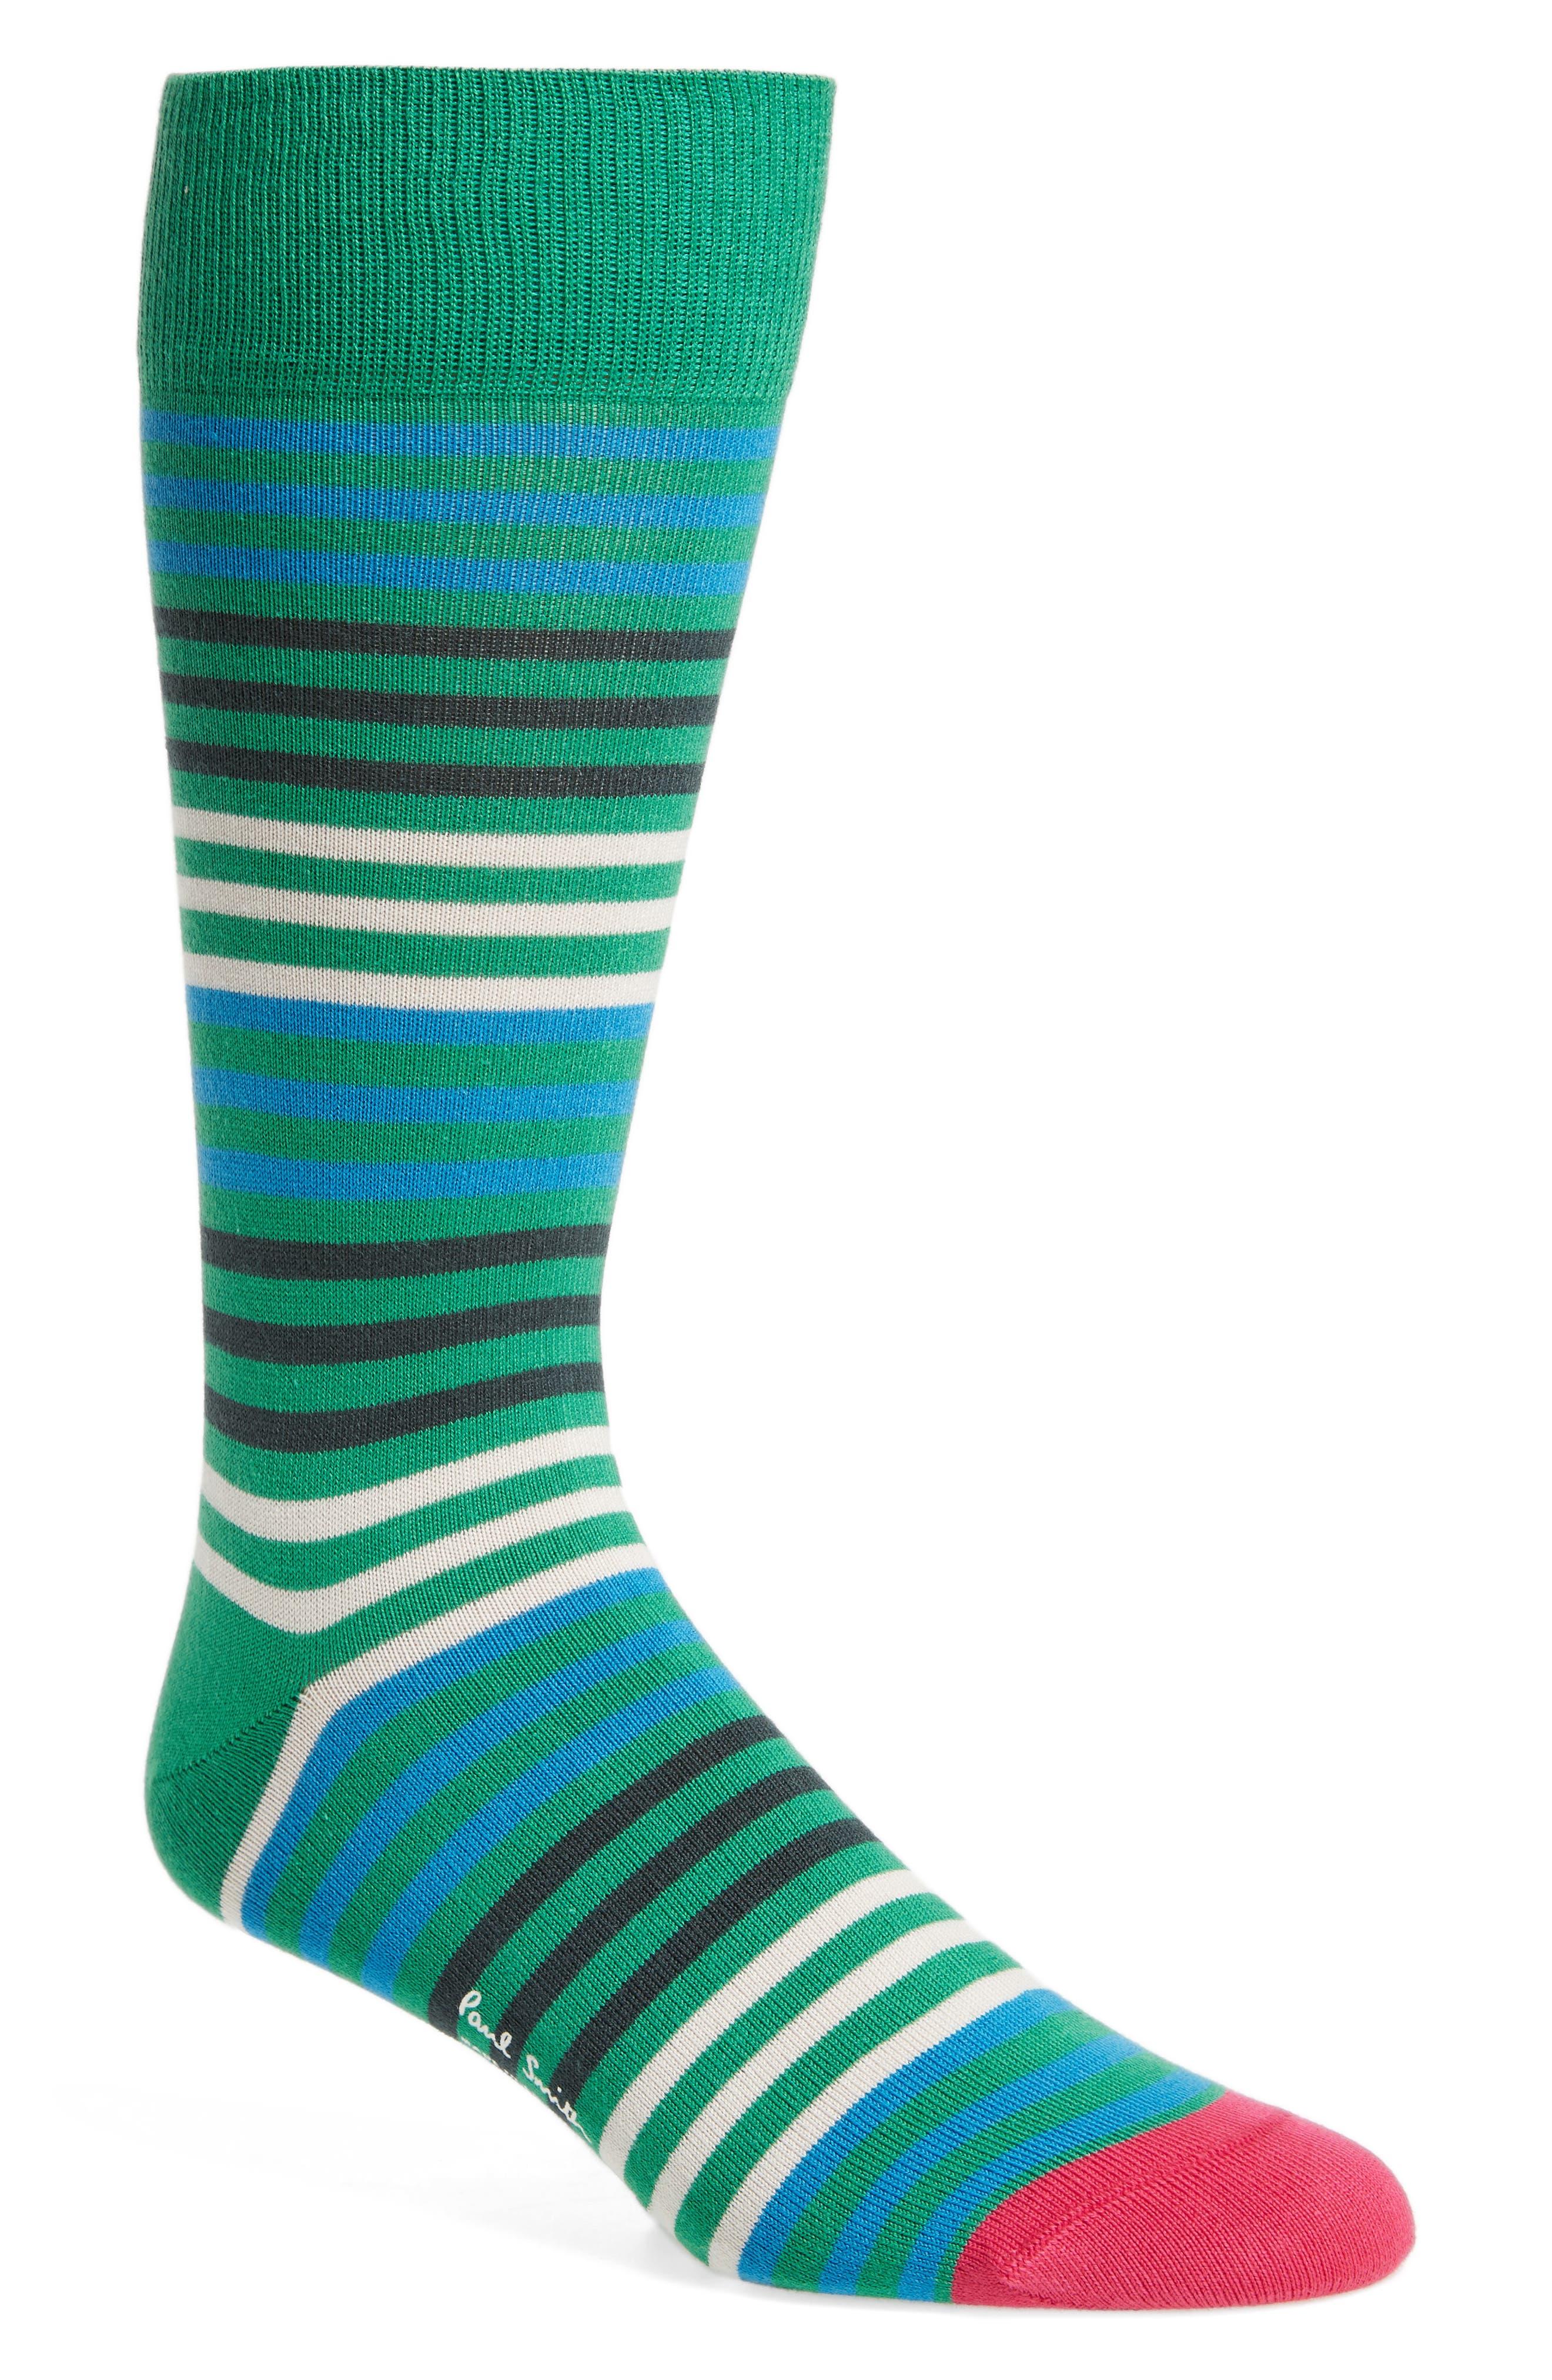 Sanny Stripe Socks,                             Main thumbnail 1, color,                             315